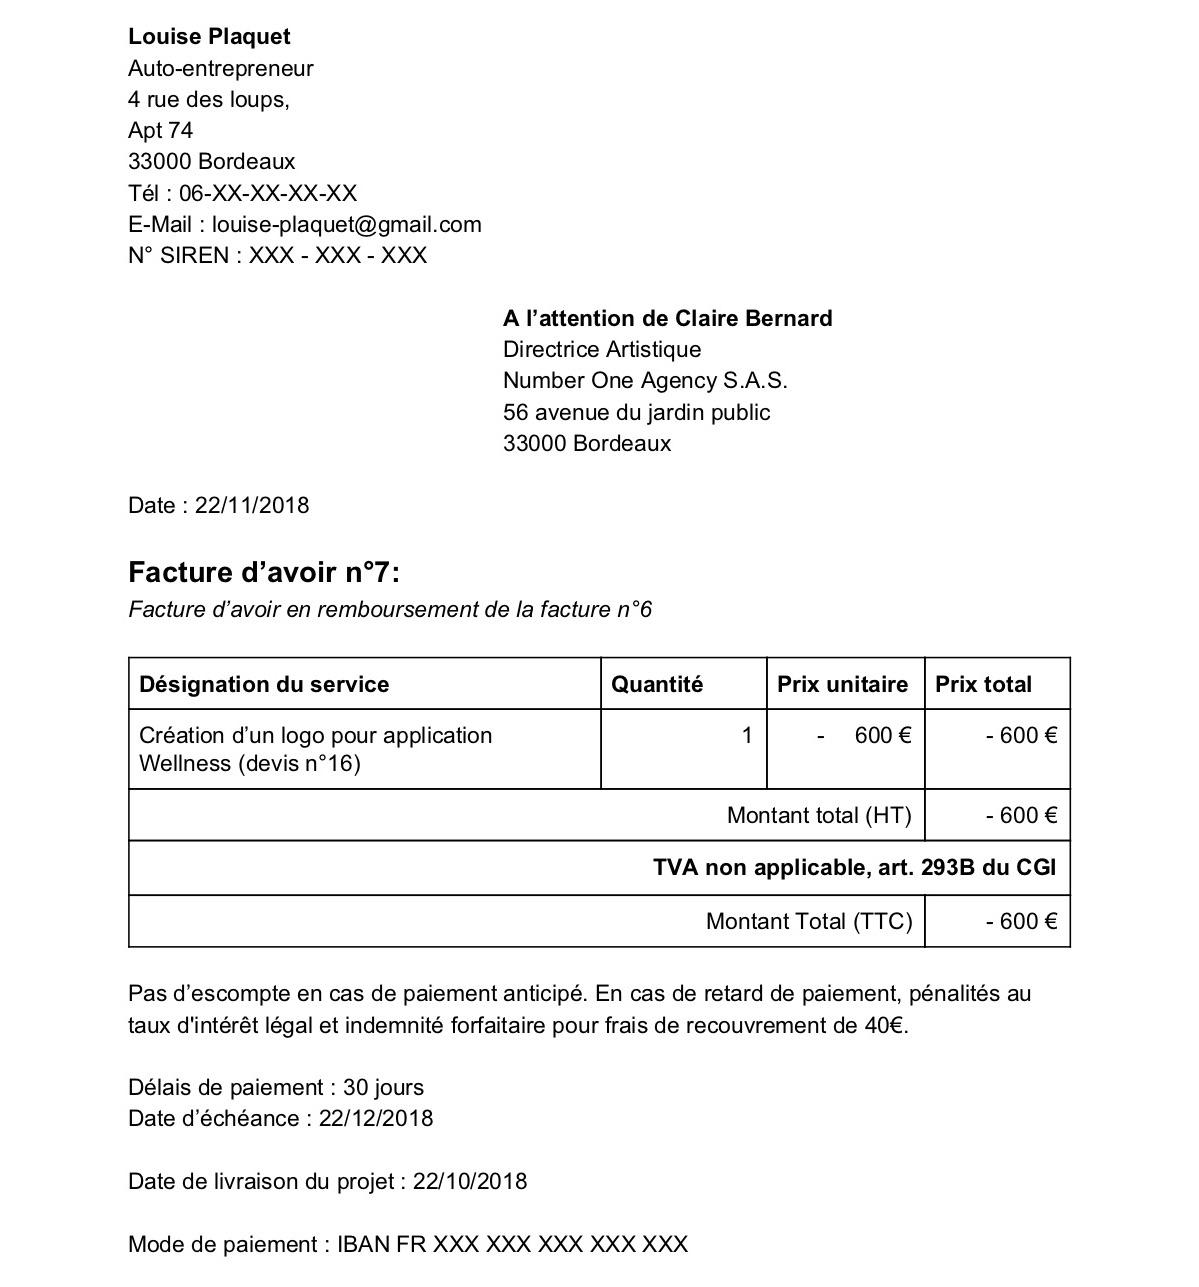 Louise Plaquet Auto-entrepreneur  4 rue des loups, Apt 74 33000 Bordeaux Tél : 06-XX-XX-XX-XX E-Mail : louise-plaquet@gmail.com N° SIREN : XXX - XXX - XXX       A l'attention de Claire Bernard      Directrice Artistique      Number One Agency S.A.S. 5